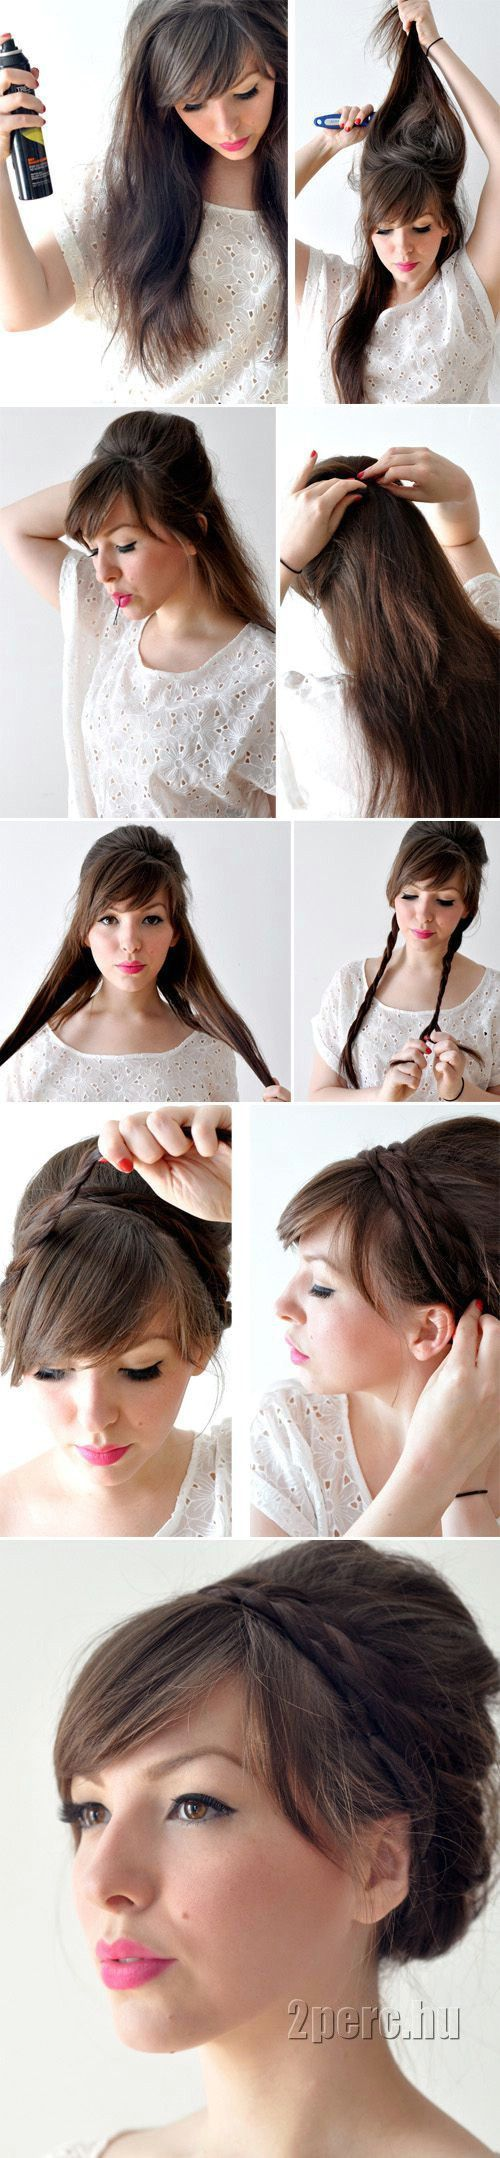 Diy hair idea braided updo frisuren pinterest diy hair updo